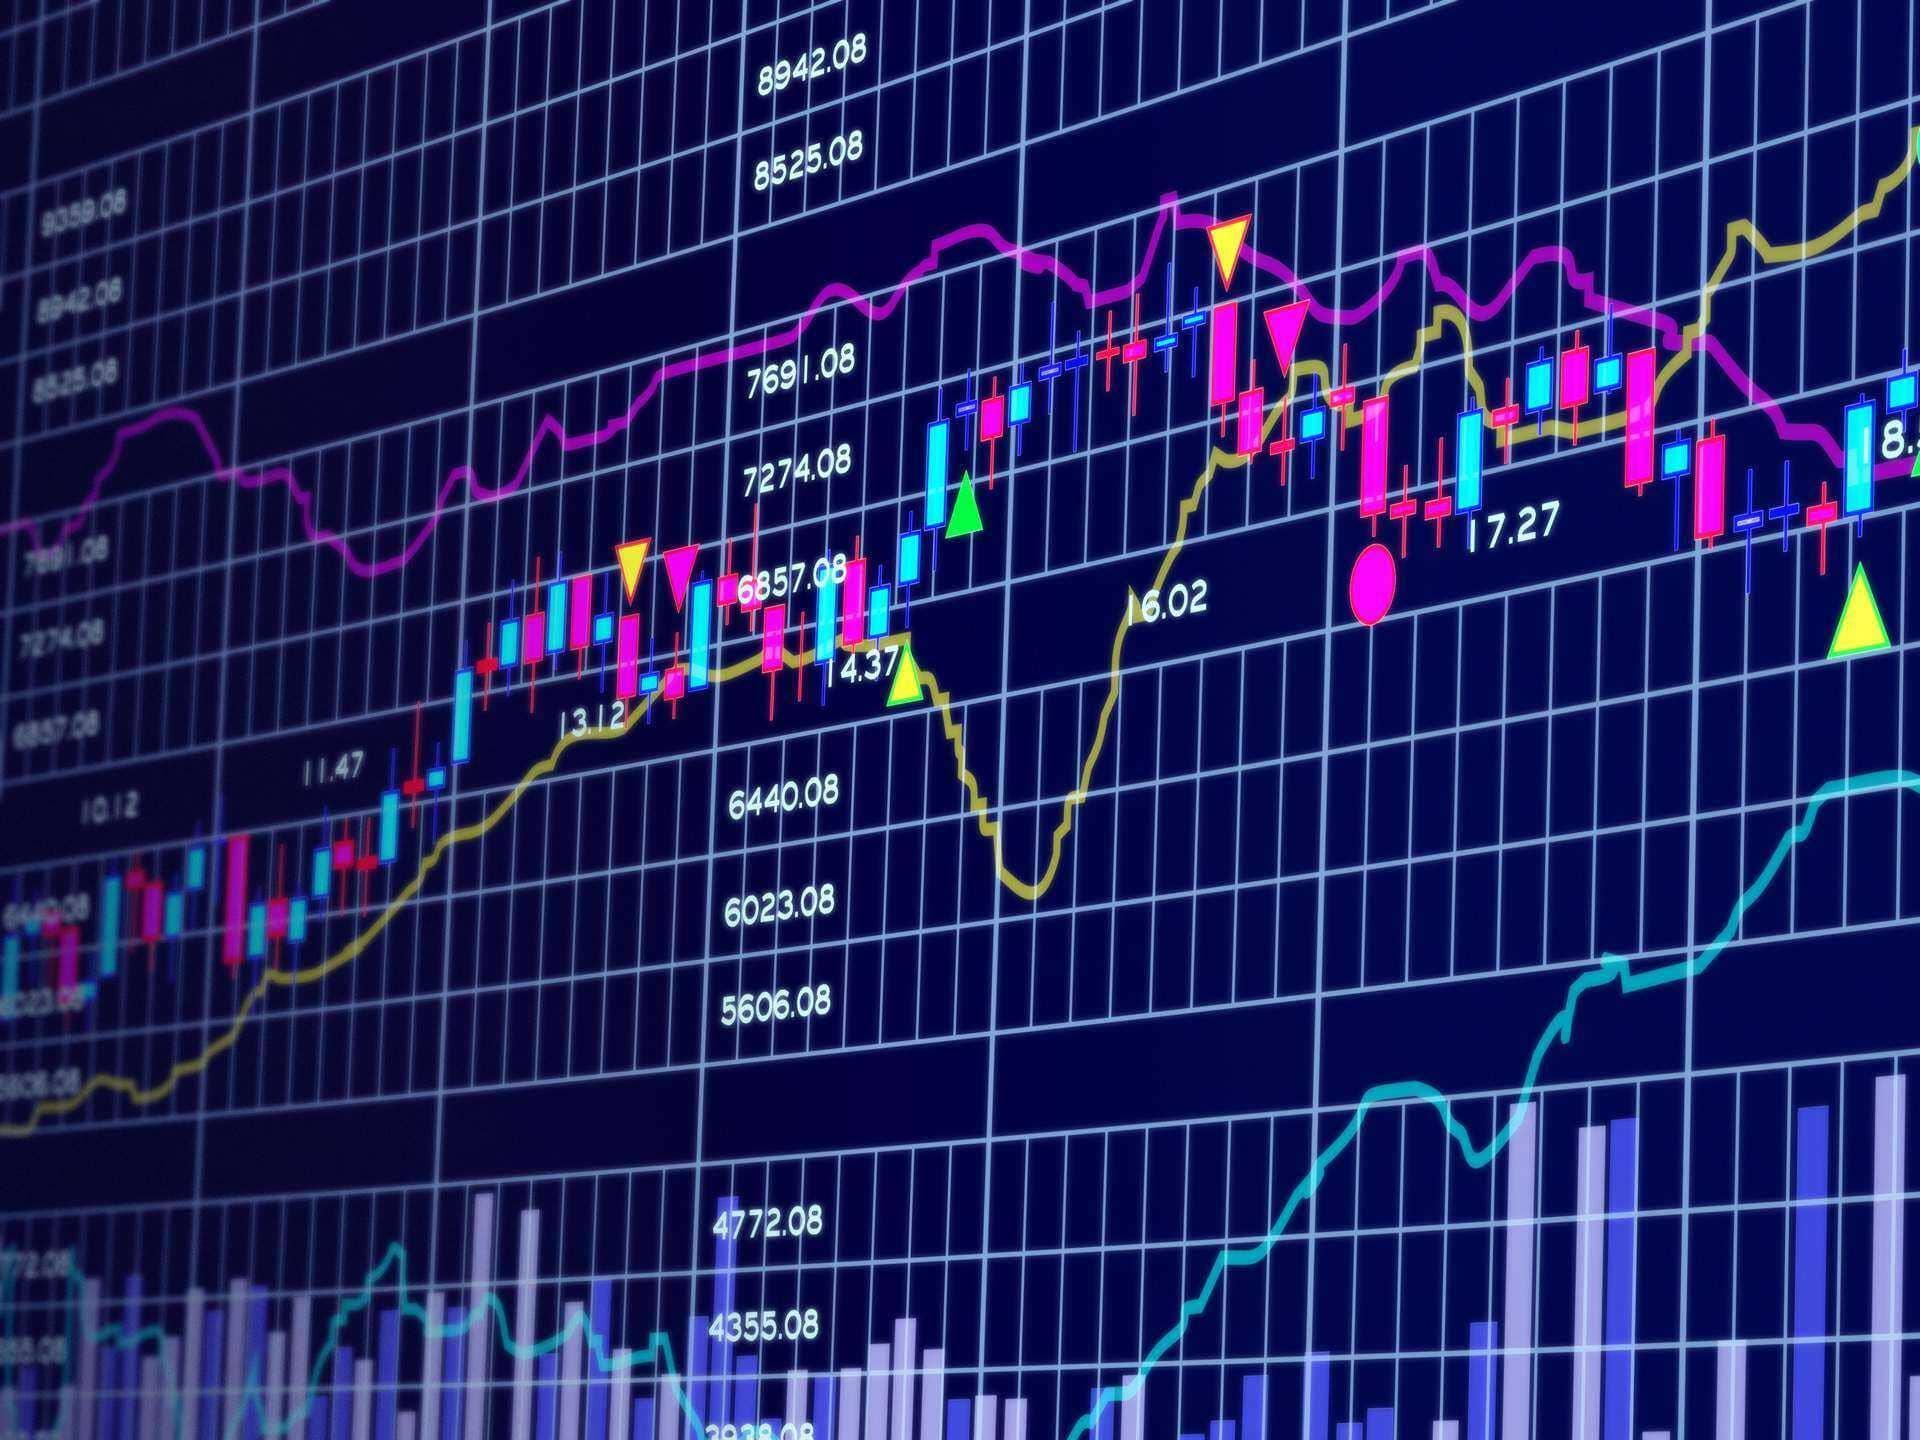 Стратегии для бинарных опционов: заработать за 60 секунд